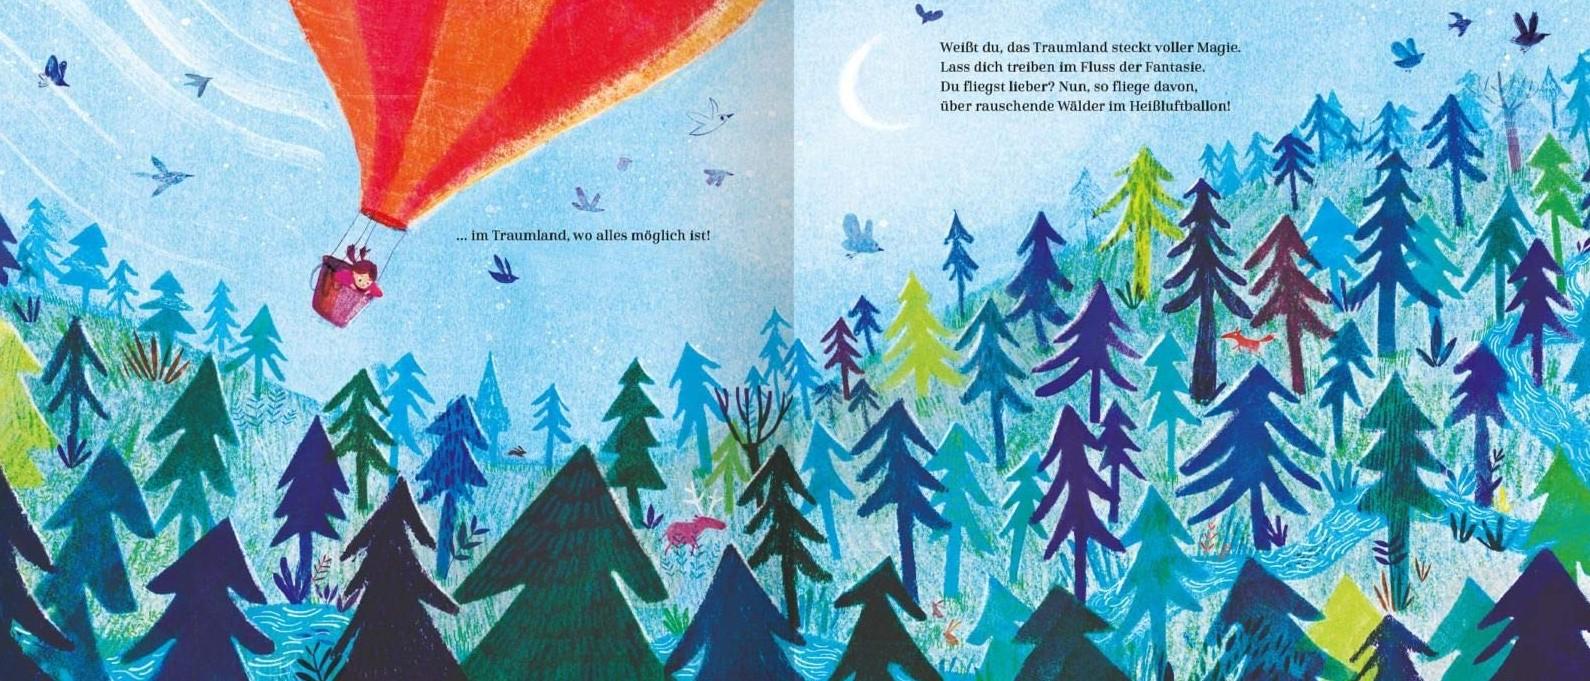 Wovon träumst du heute Nacht   Kinderbuchlesen.de